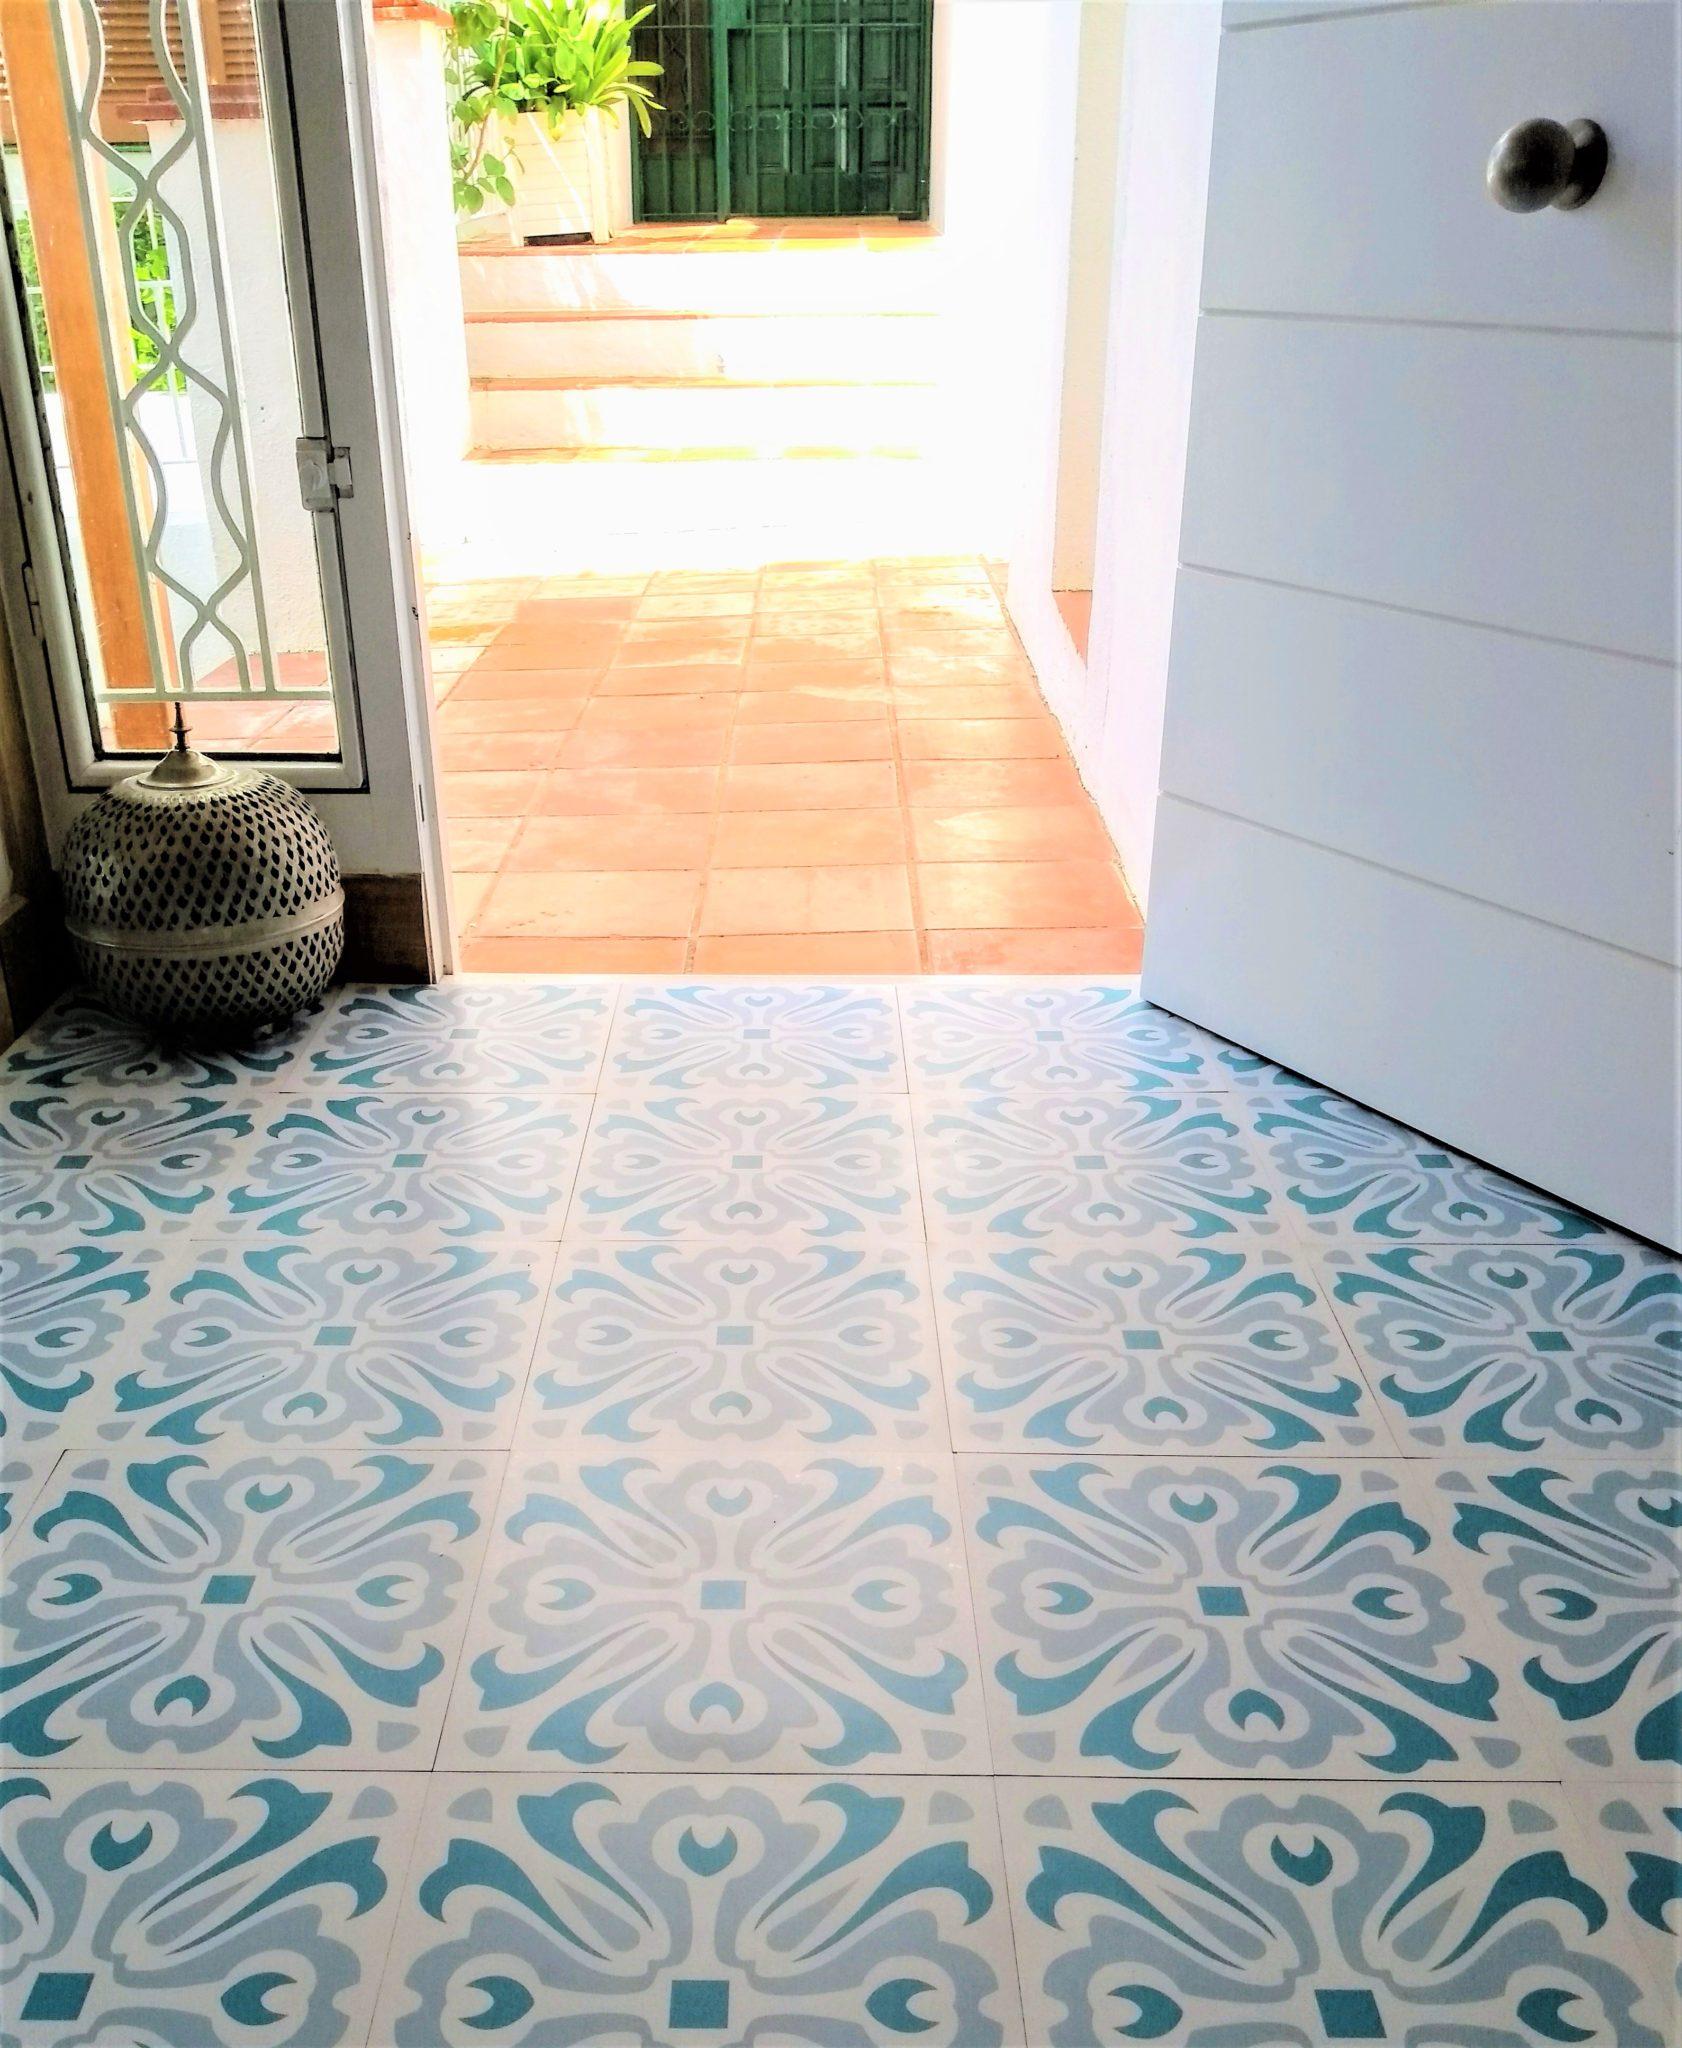 Havana Day Vinyl Floor Tile: £20 Per M2